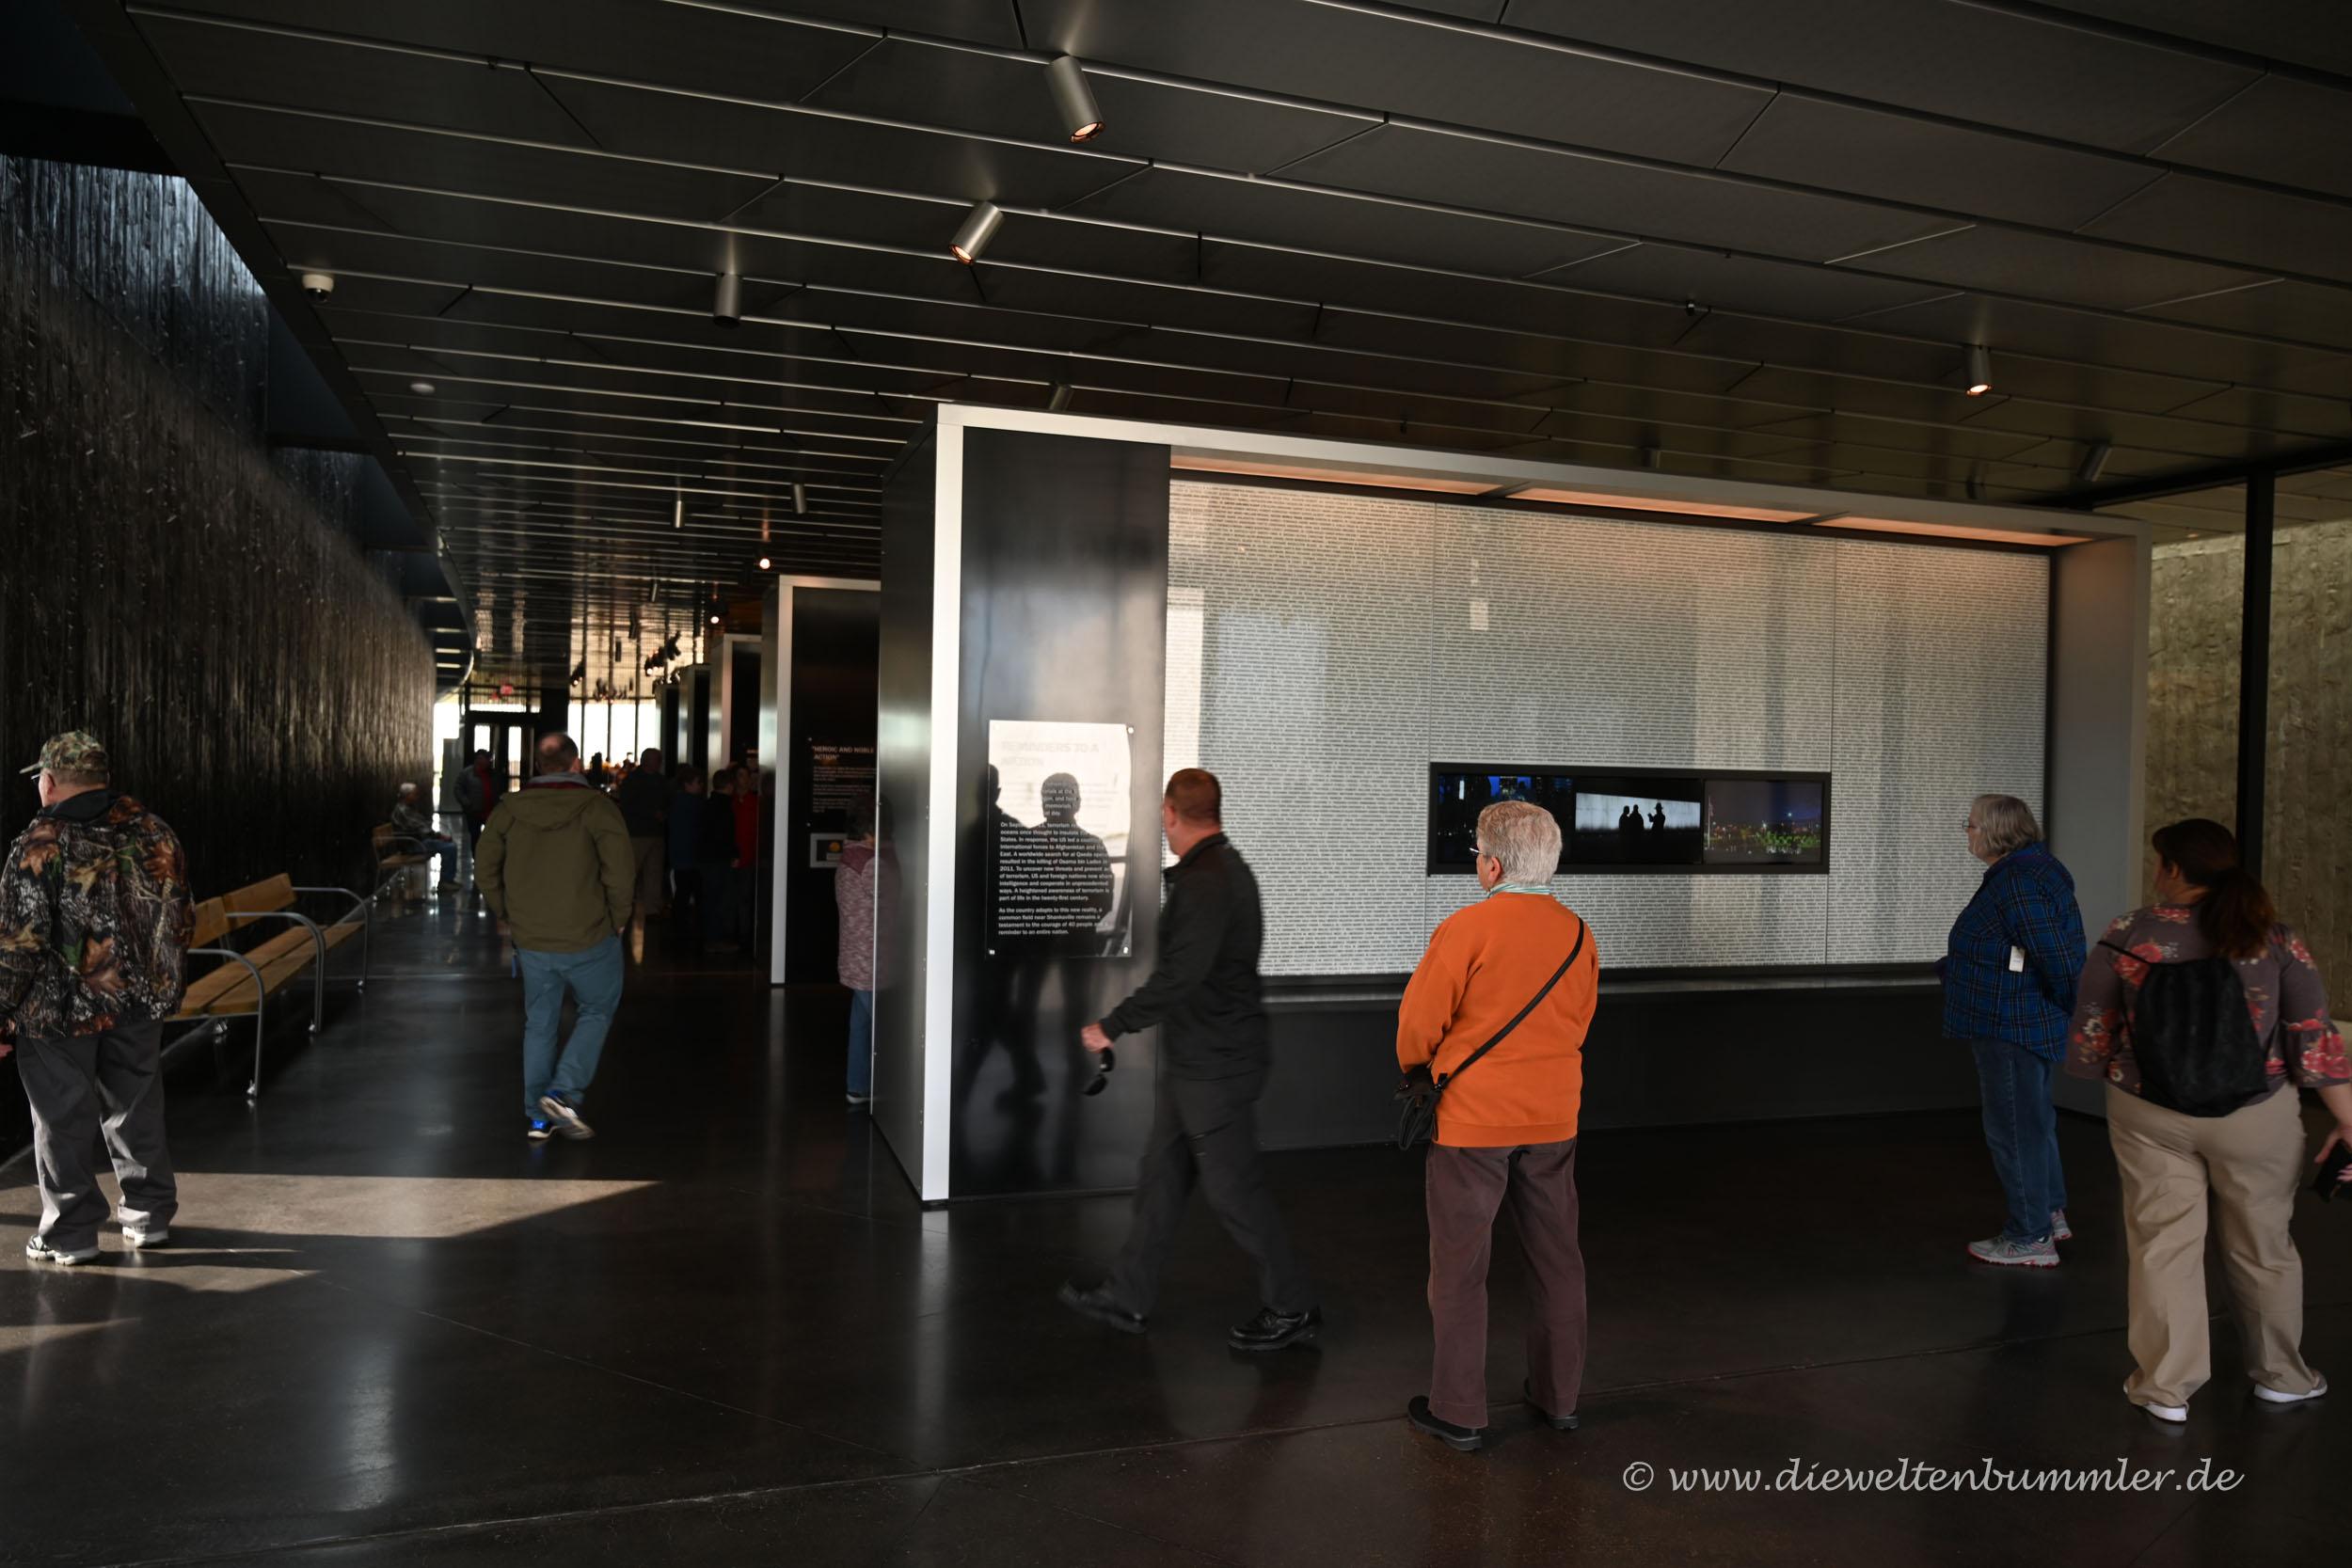 Dokumentation im Besucherzentrum